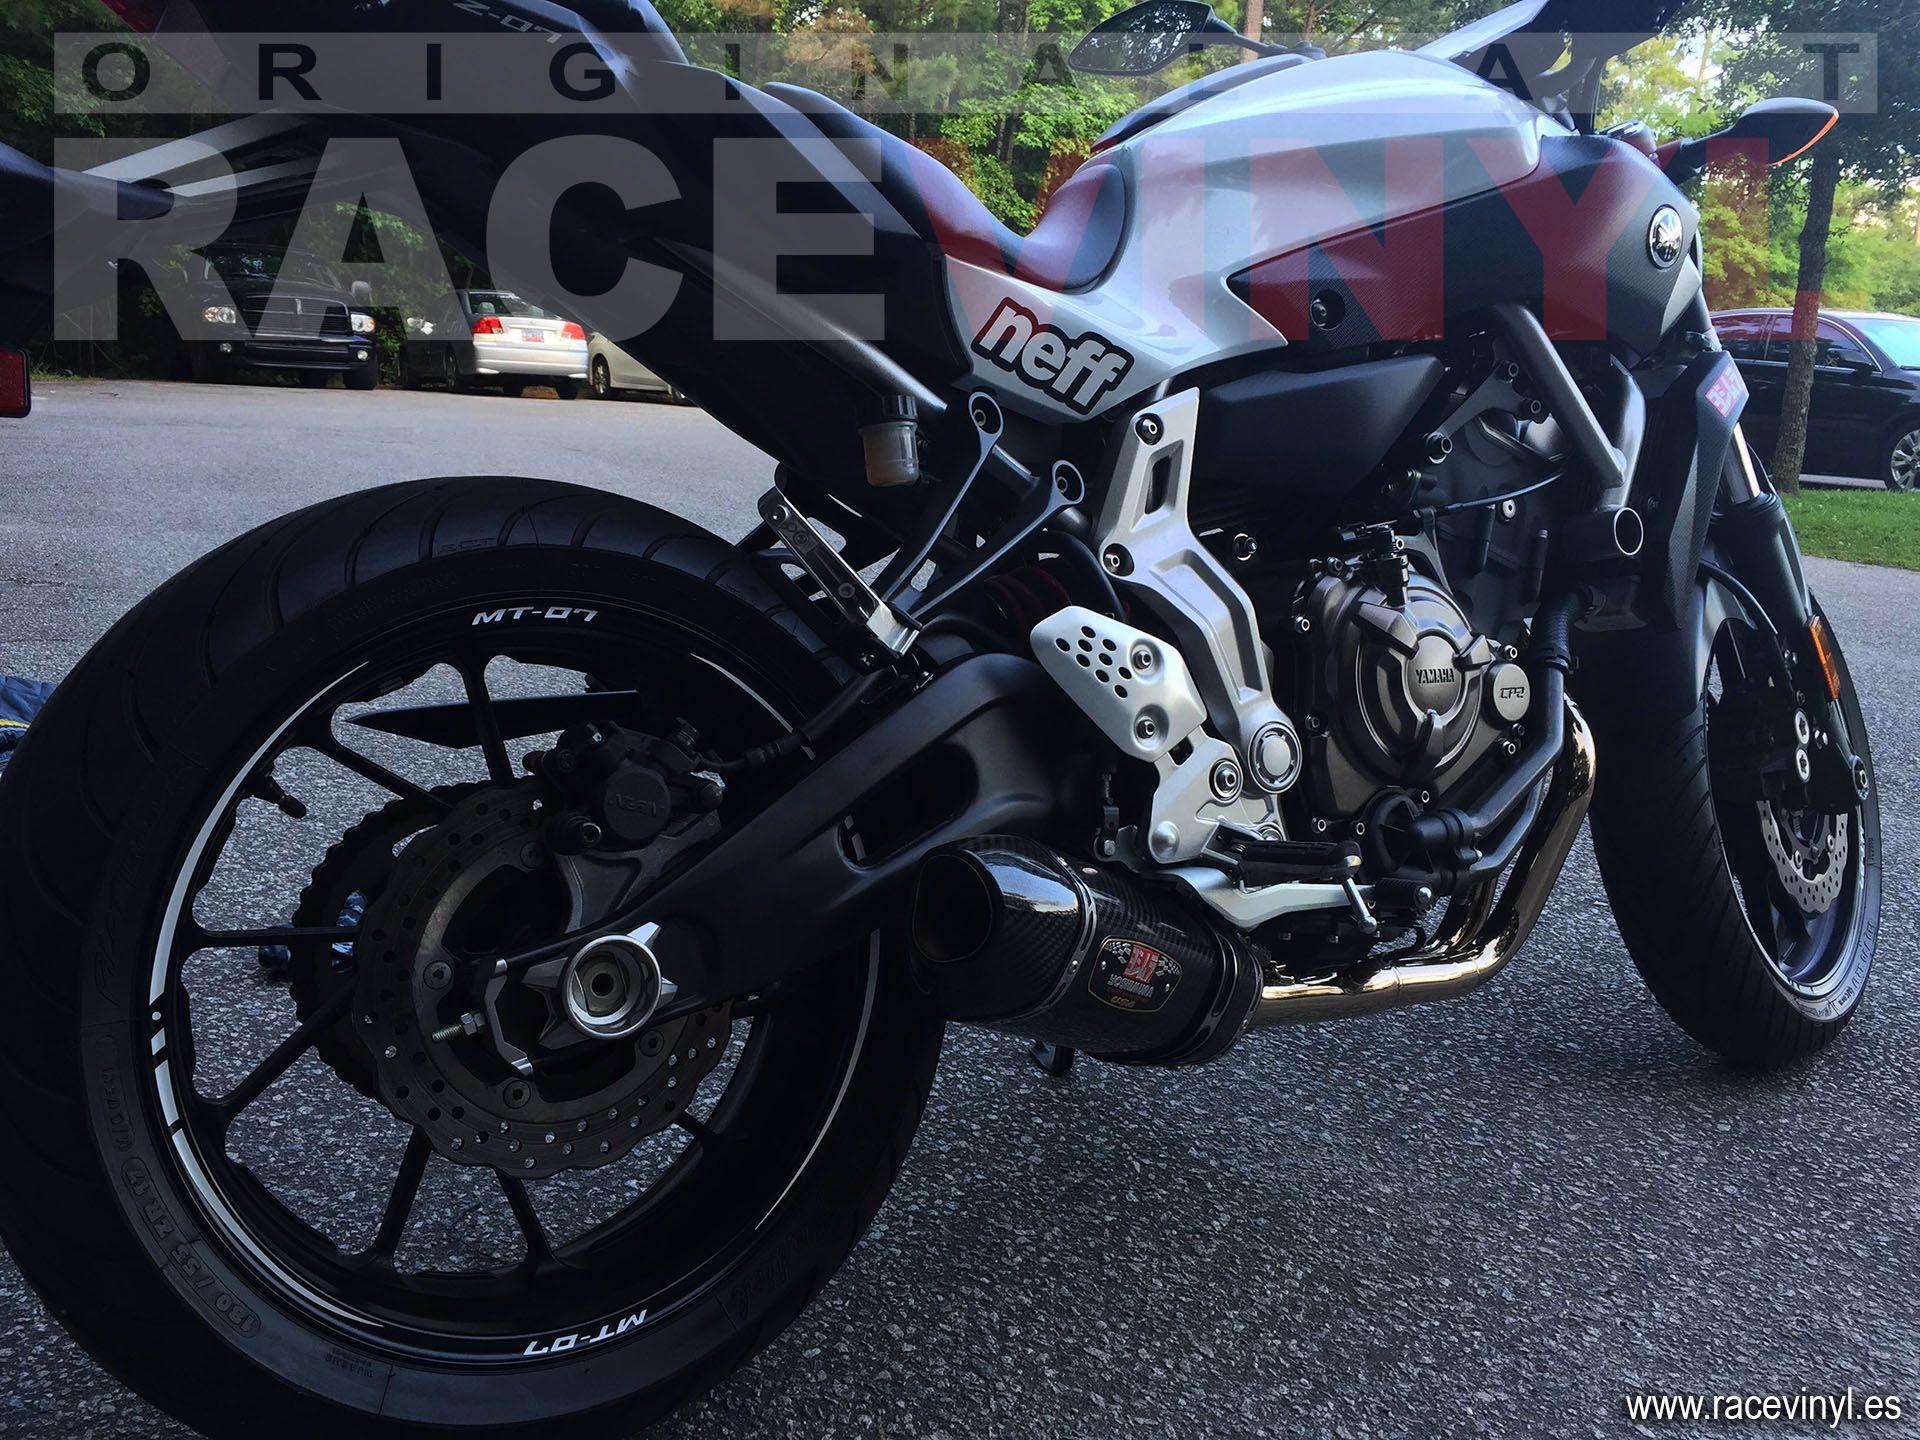 Yamaha MT 07 vinilos para las llantas de moto de Racevinyl